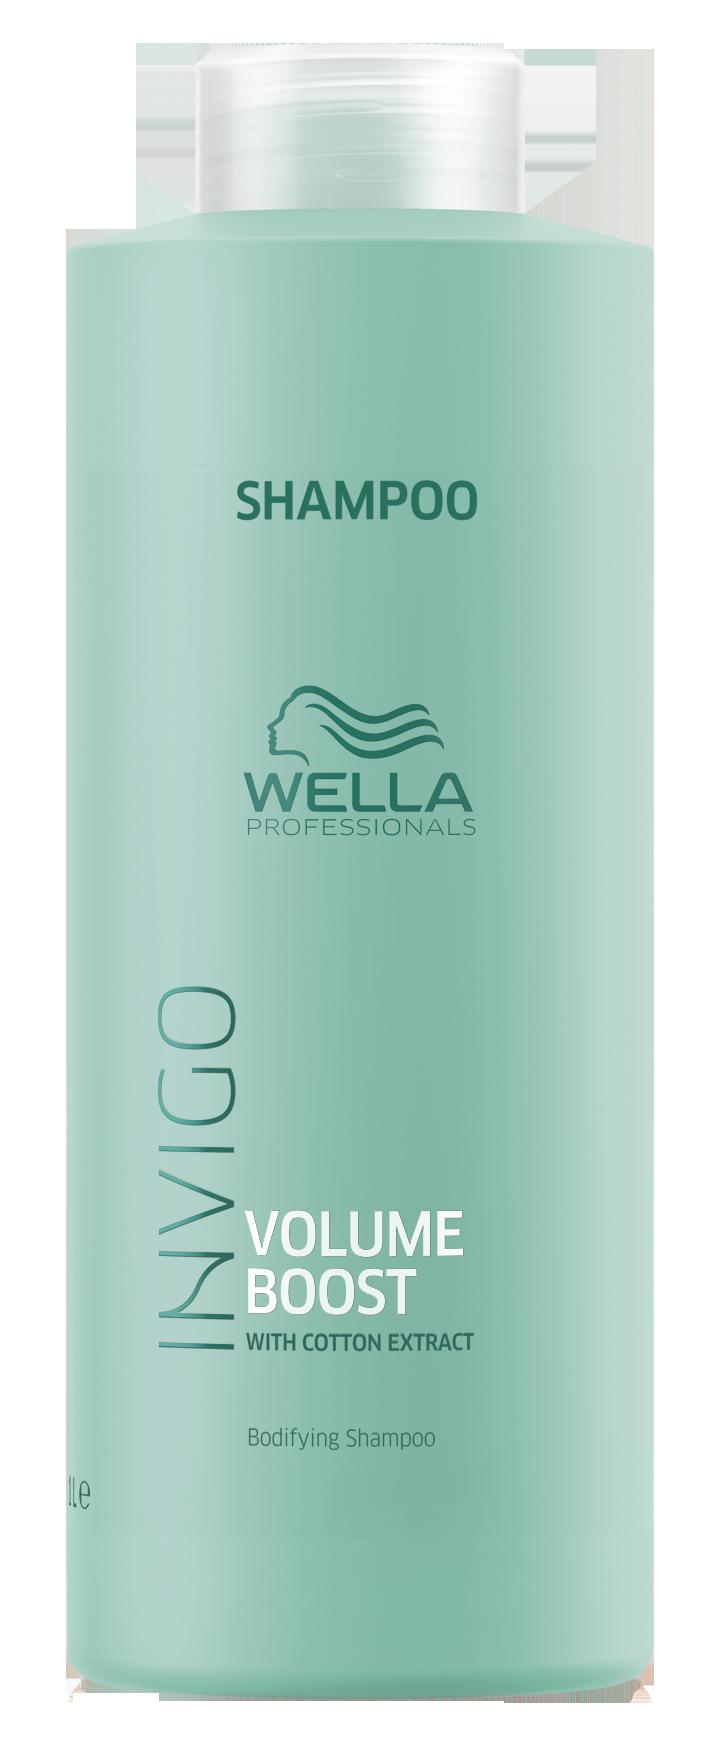 WELLA PROFESSIONALS Шампунь для придания объема / Volume Boost 1000 мл.